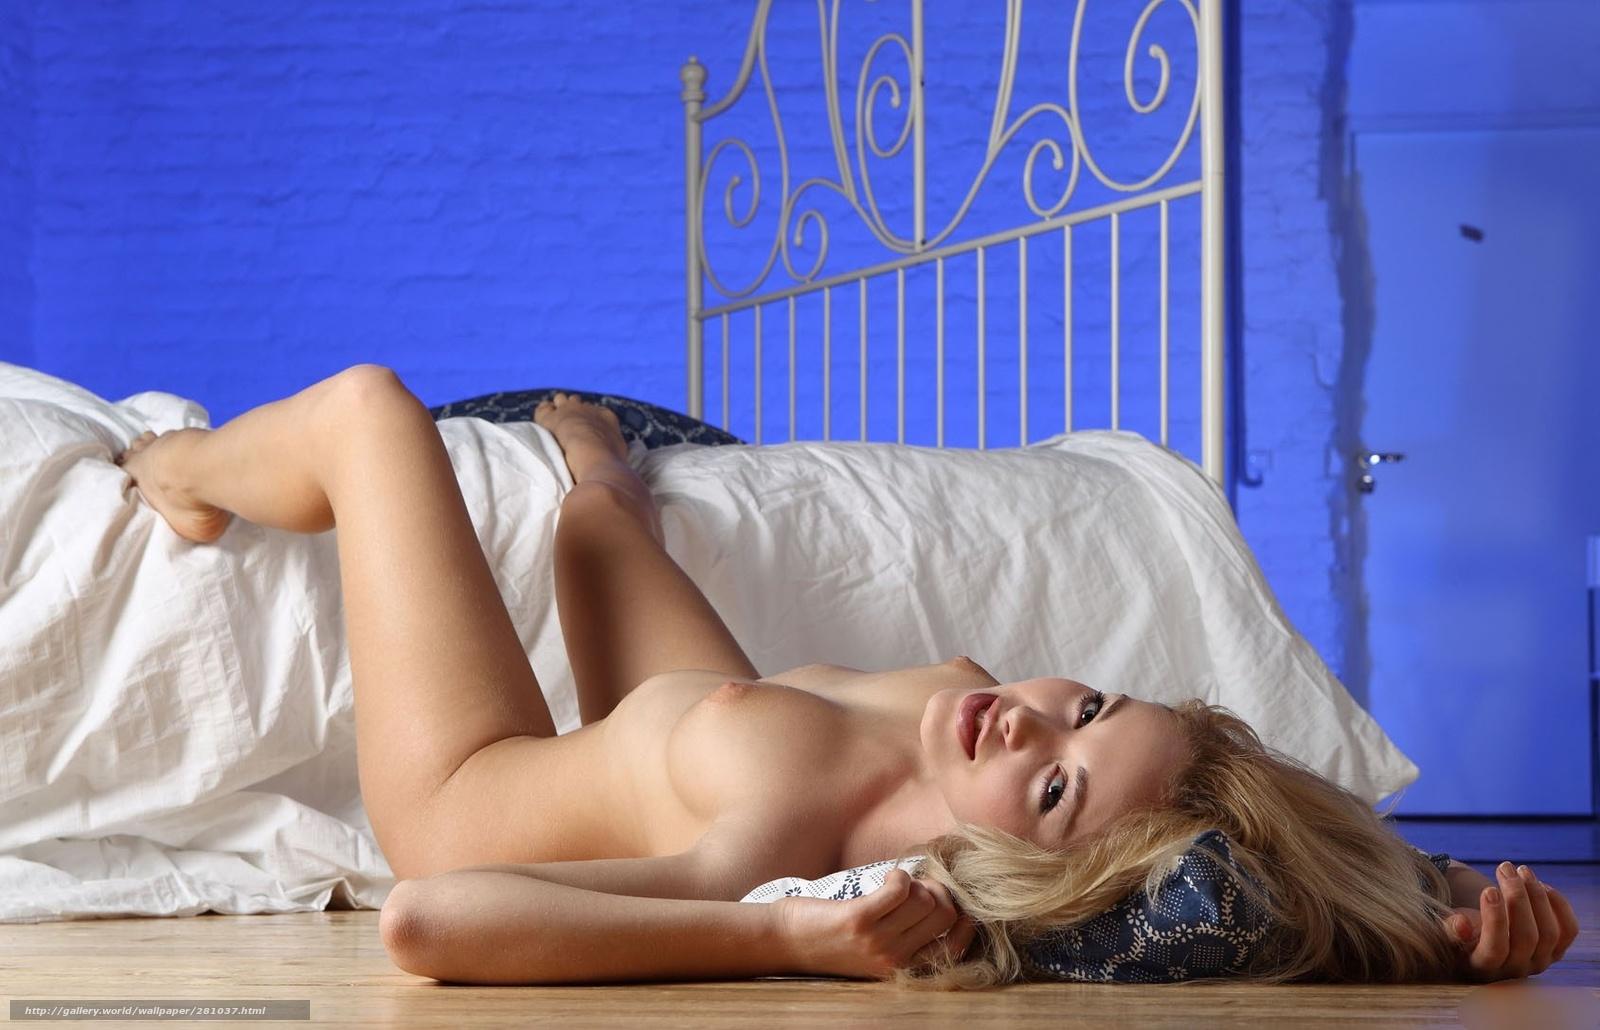 Секс на кованой кровате фото 9 фотография